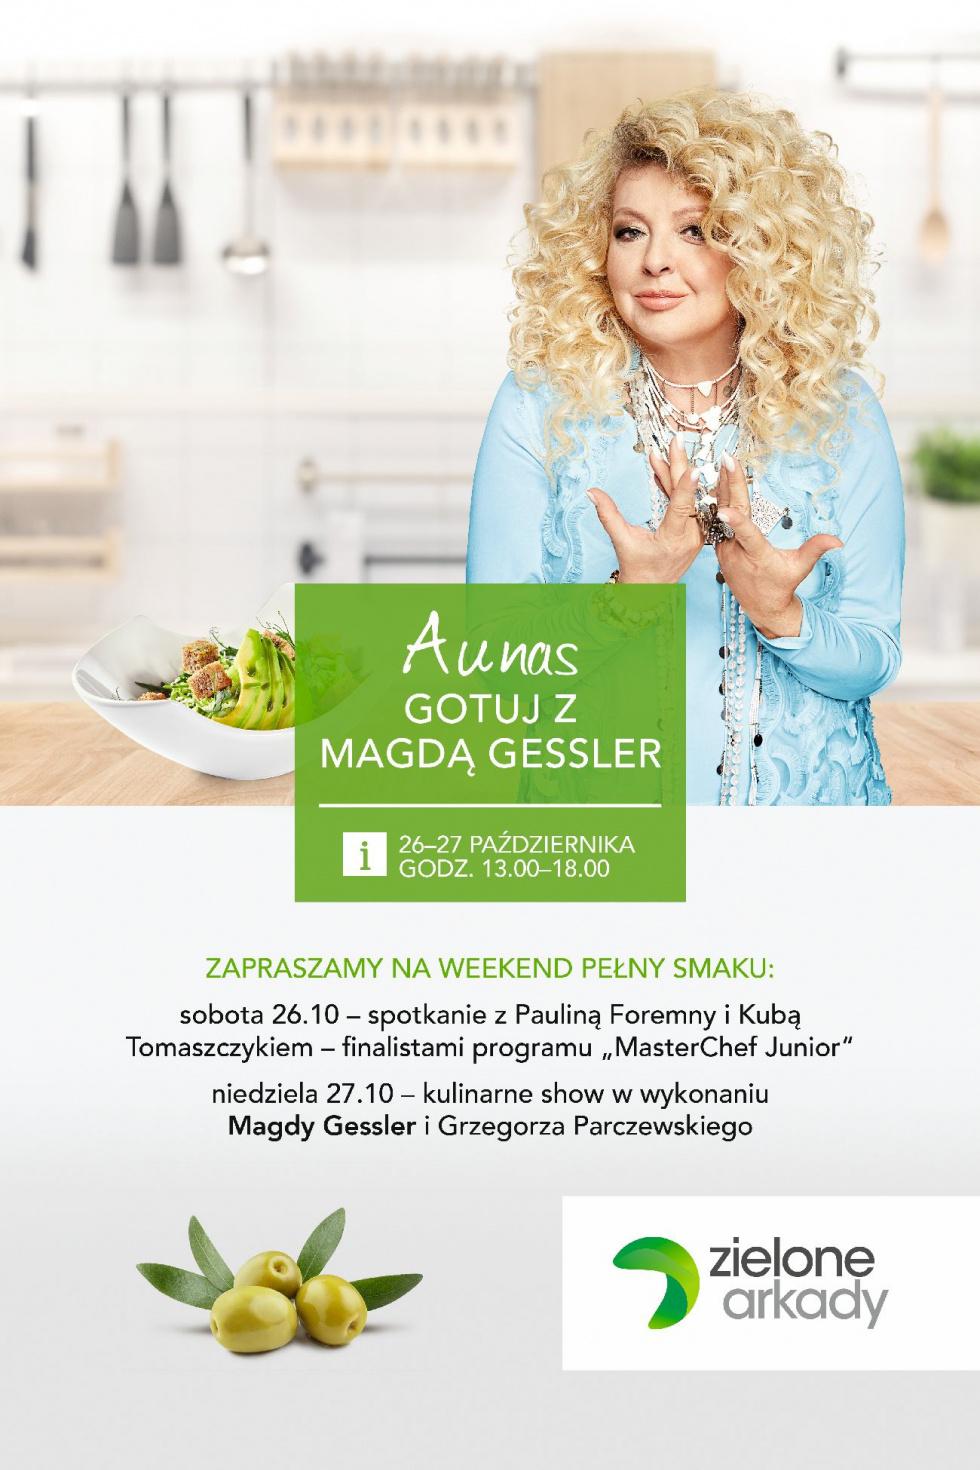 Magda Gessler w Bydgoszczy